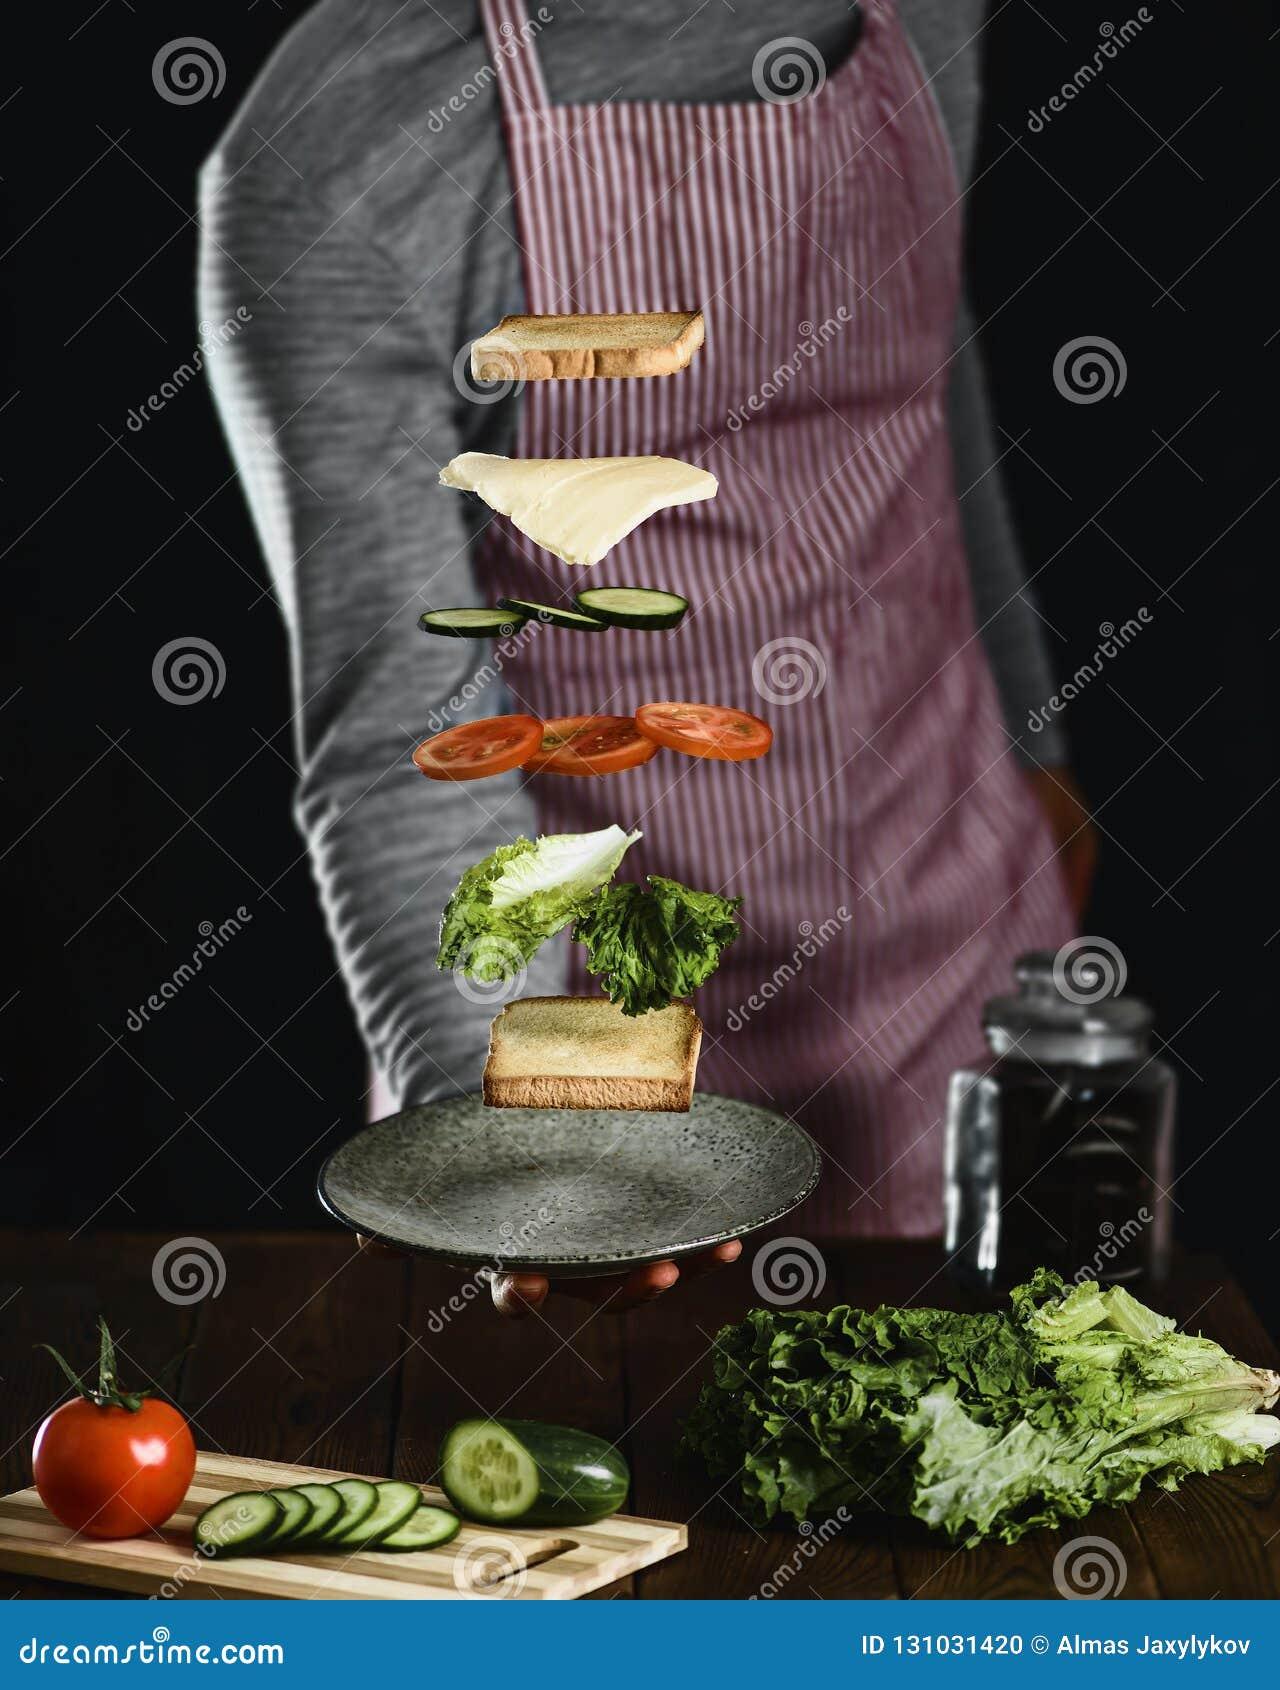 Un homme prépare les ingrédients pour un sandwich végétarien délicieux